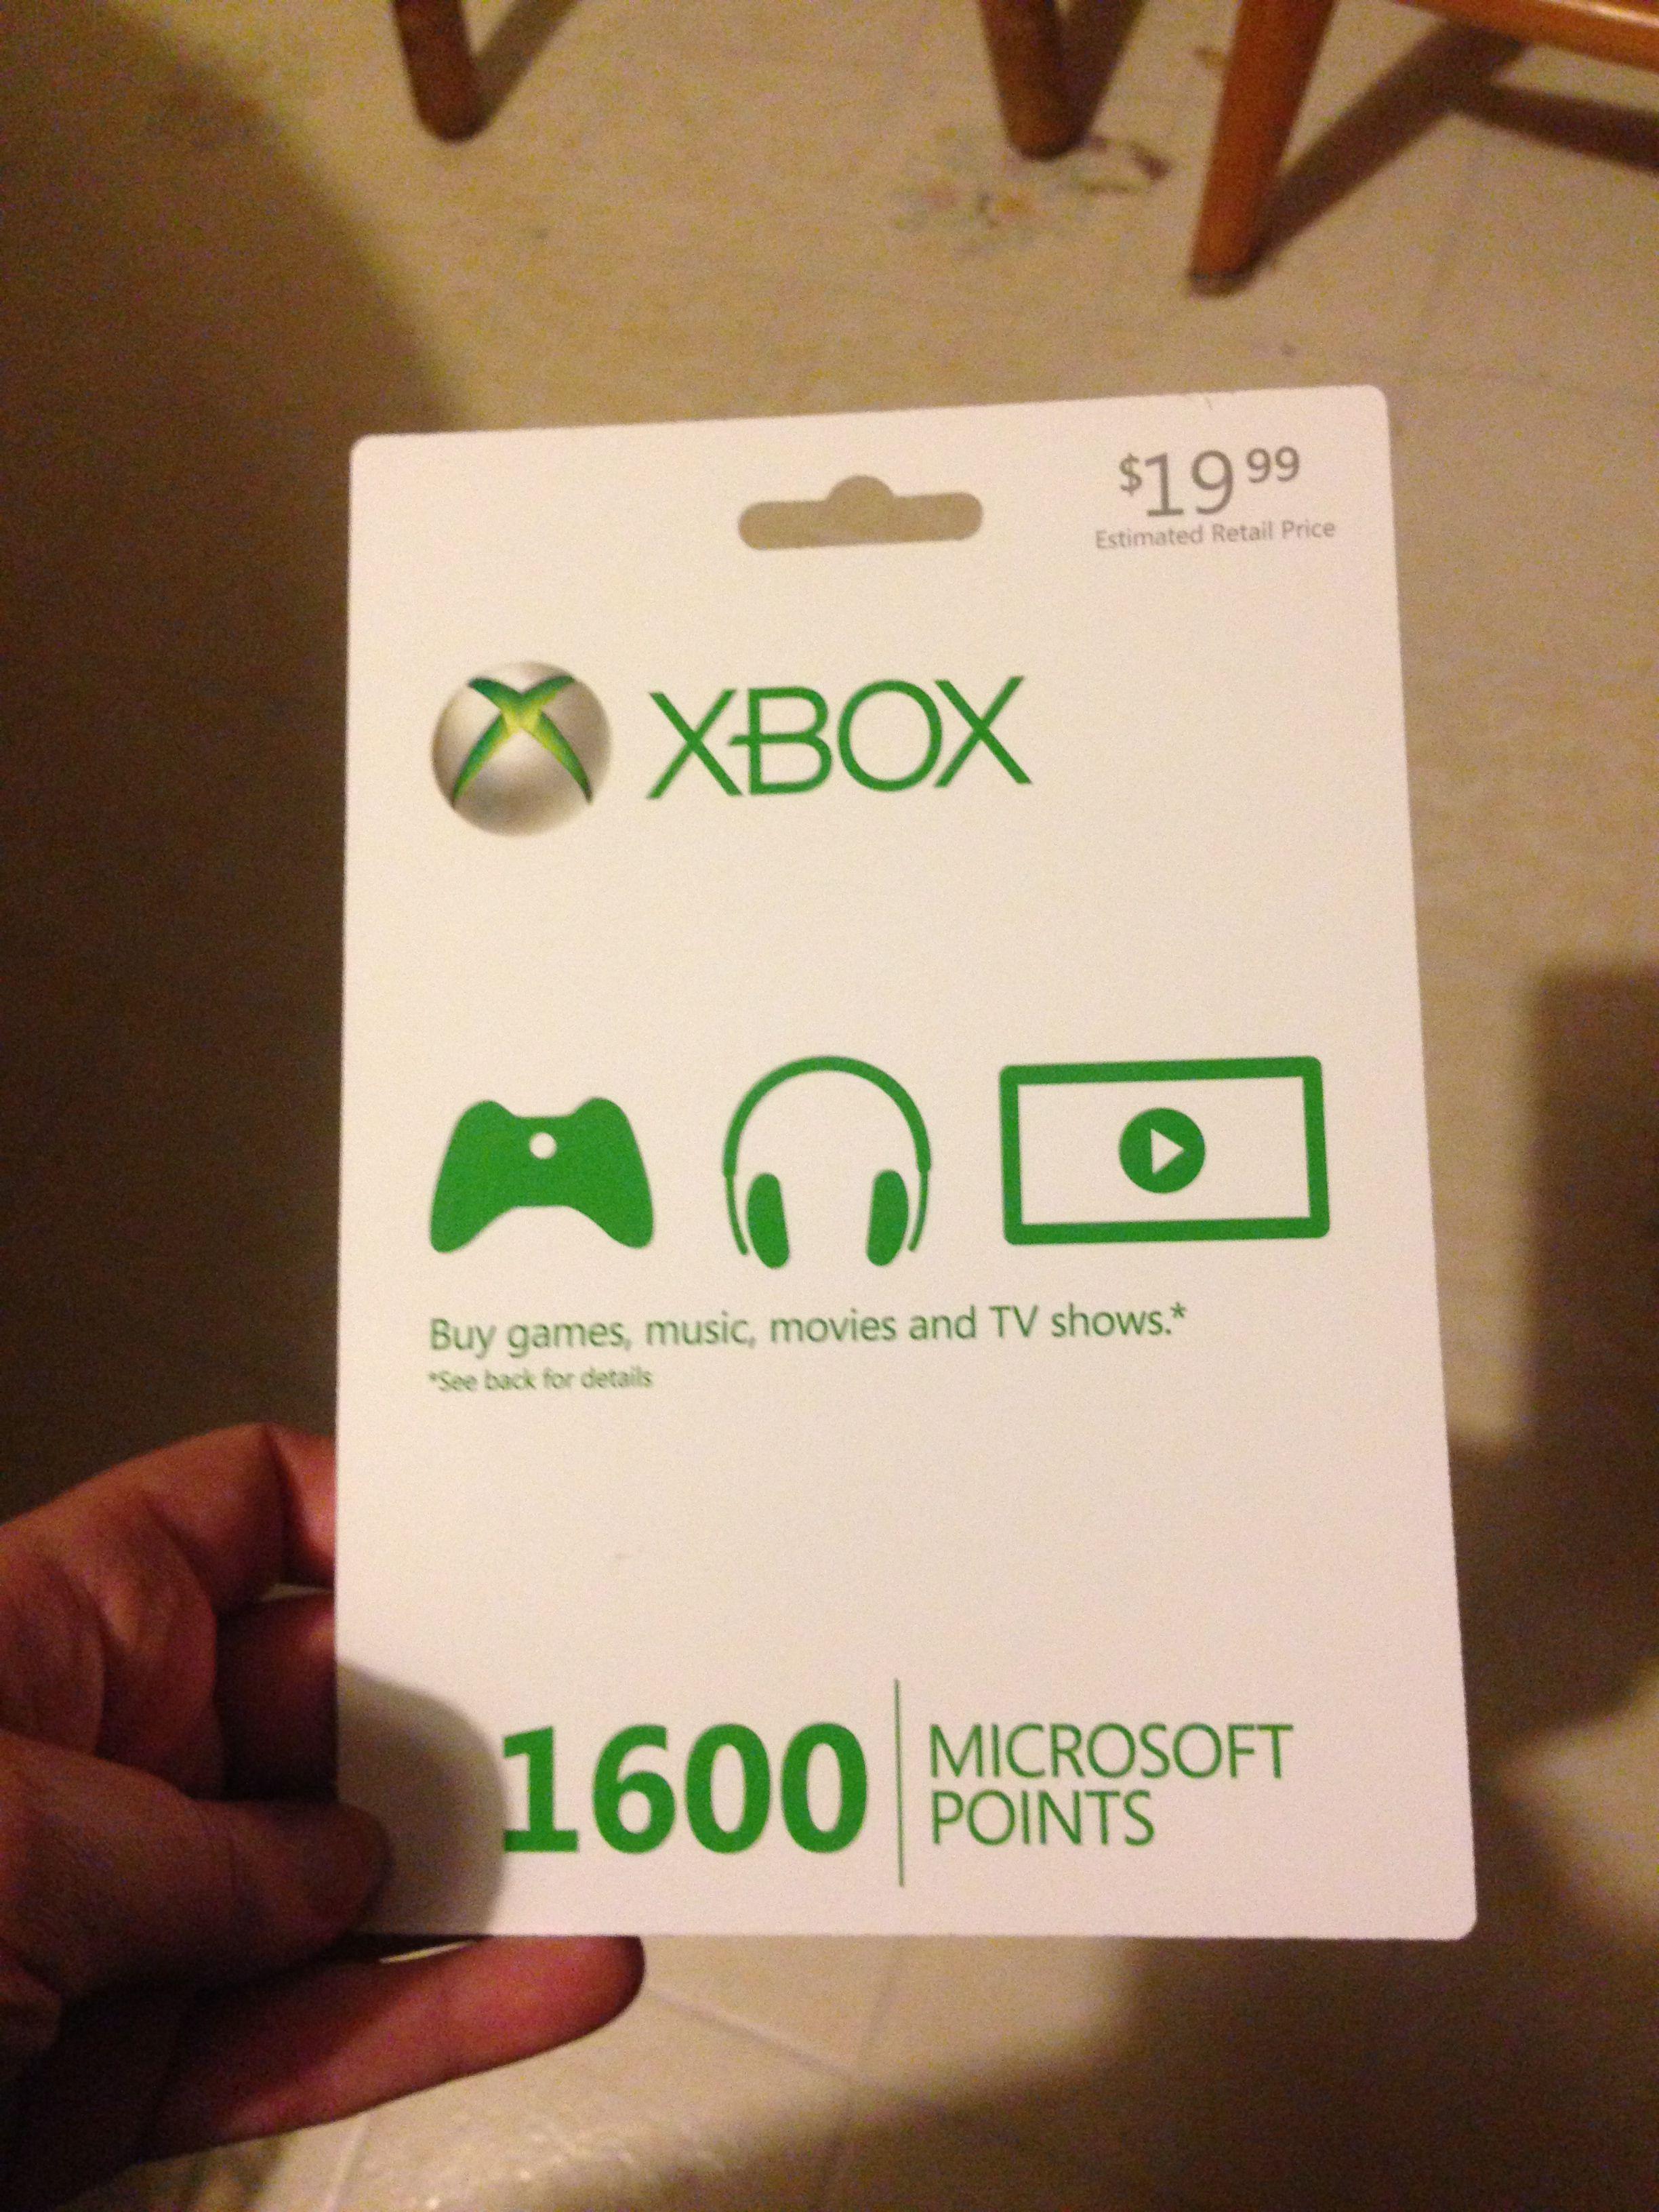 Voullez vous avoirs des Points Microsoft Gratuitement! Si